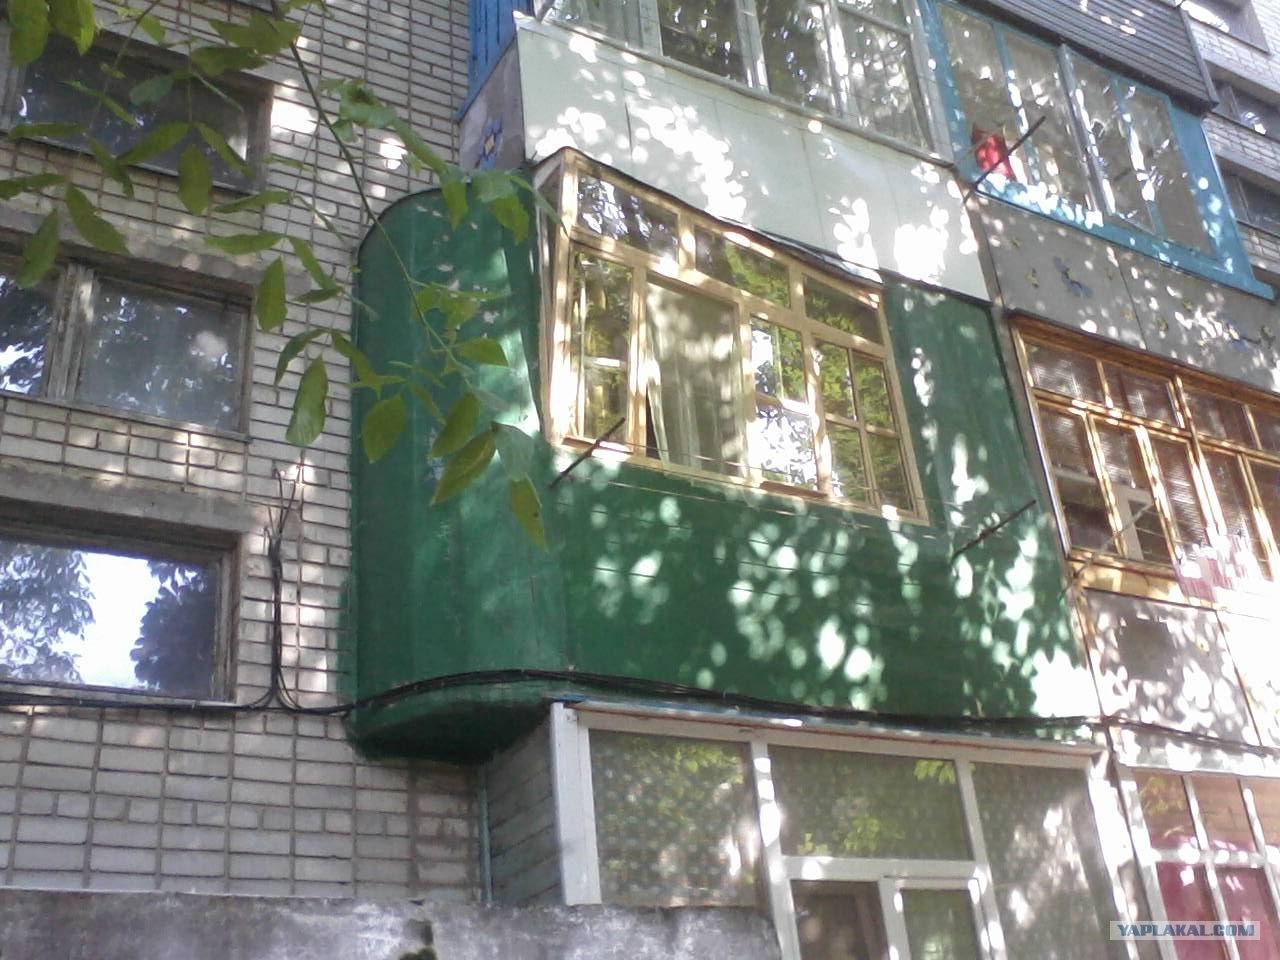 Фотографии смешных балконов - фаниум.